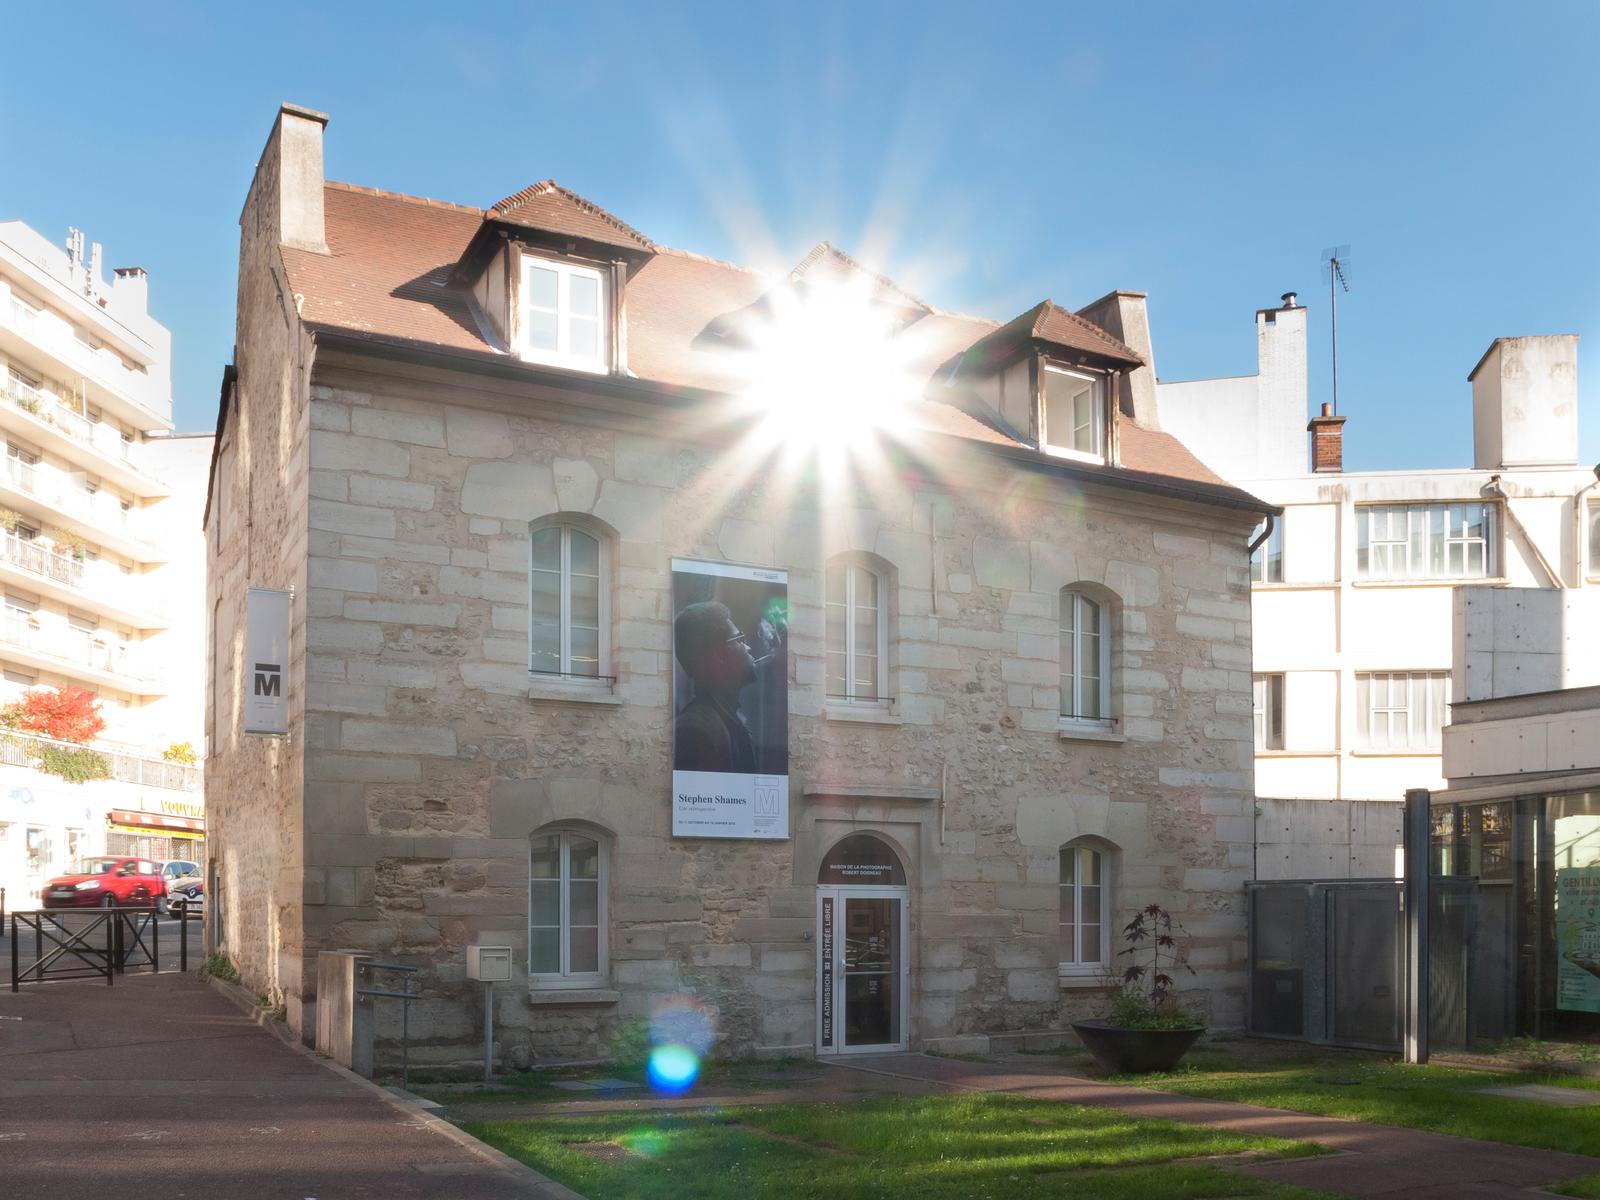 Maison de la Photographie Robert Doisneau%252C Gentilly. Maison de la Photographie Robert Doisneau%252C Gentilly.